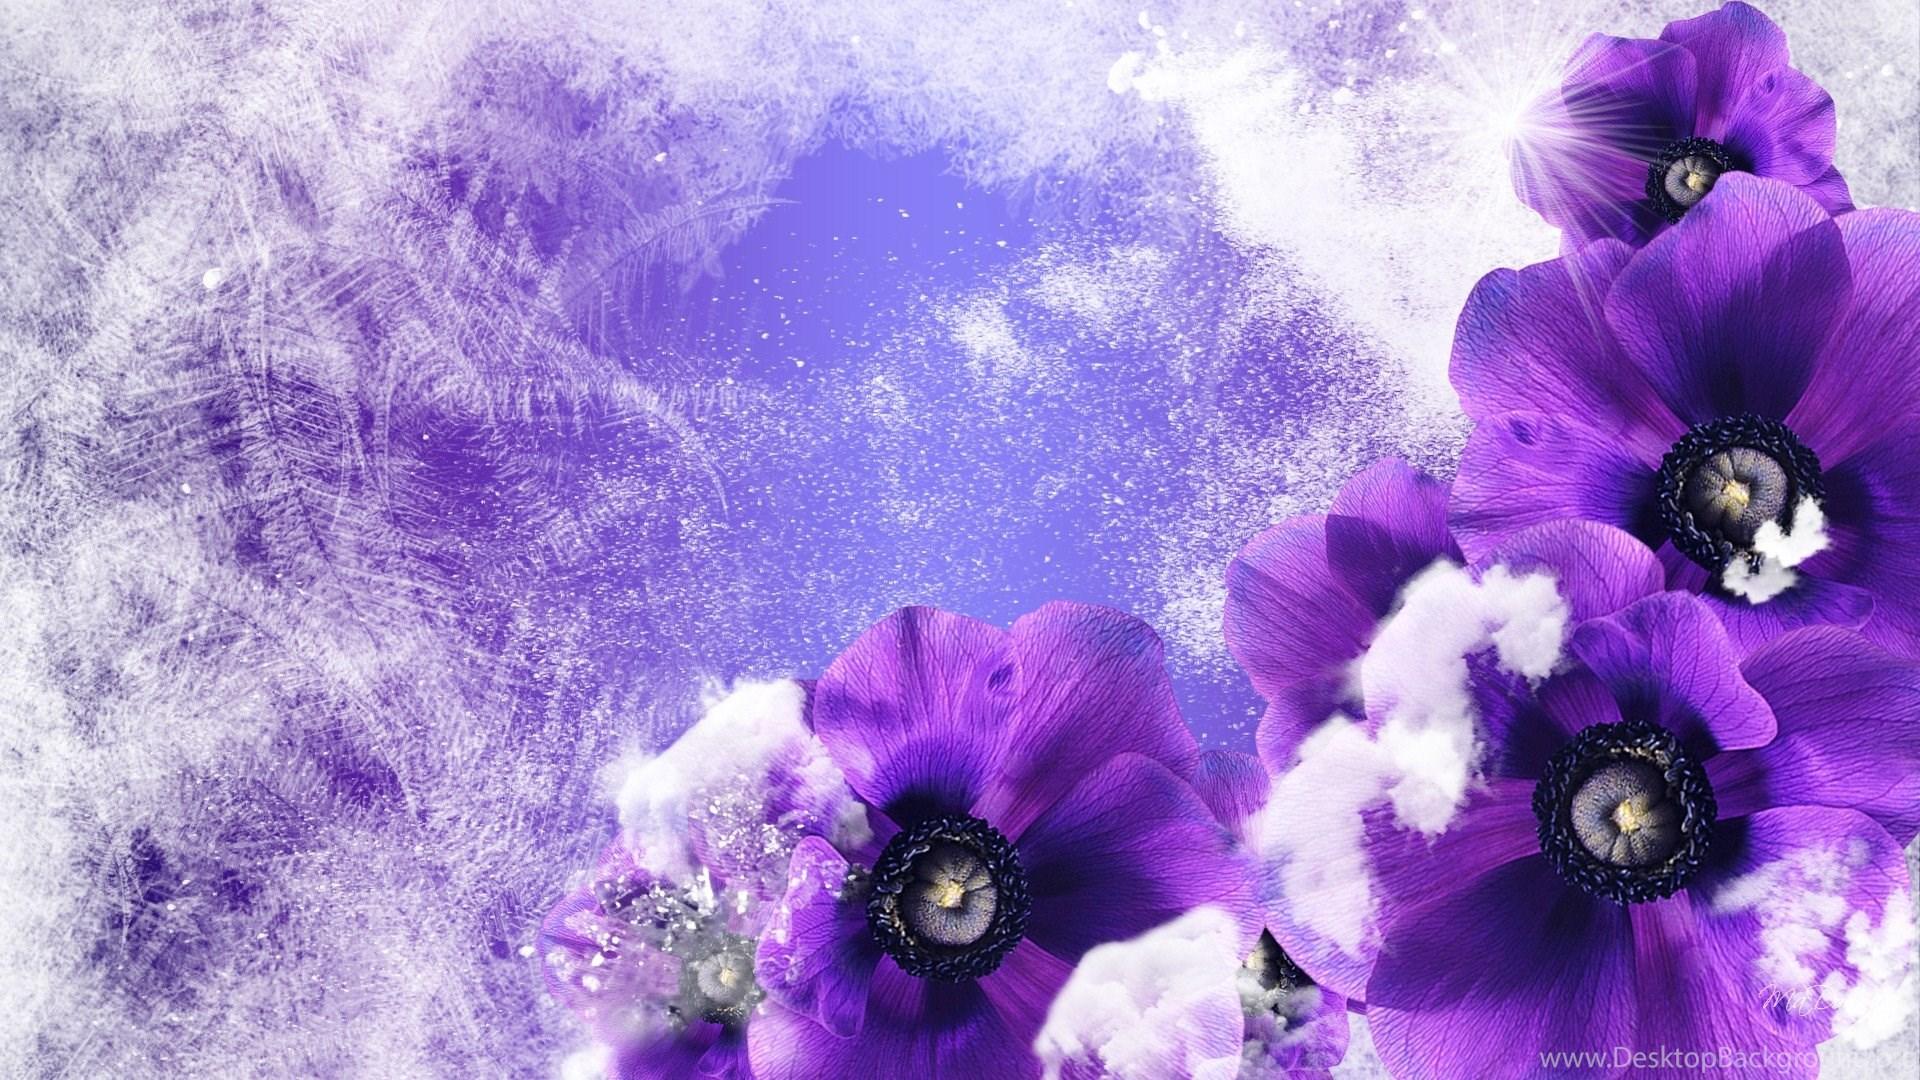 Картинки в сиреневом и фиолетовом цвете, картинки женщина